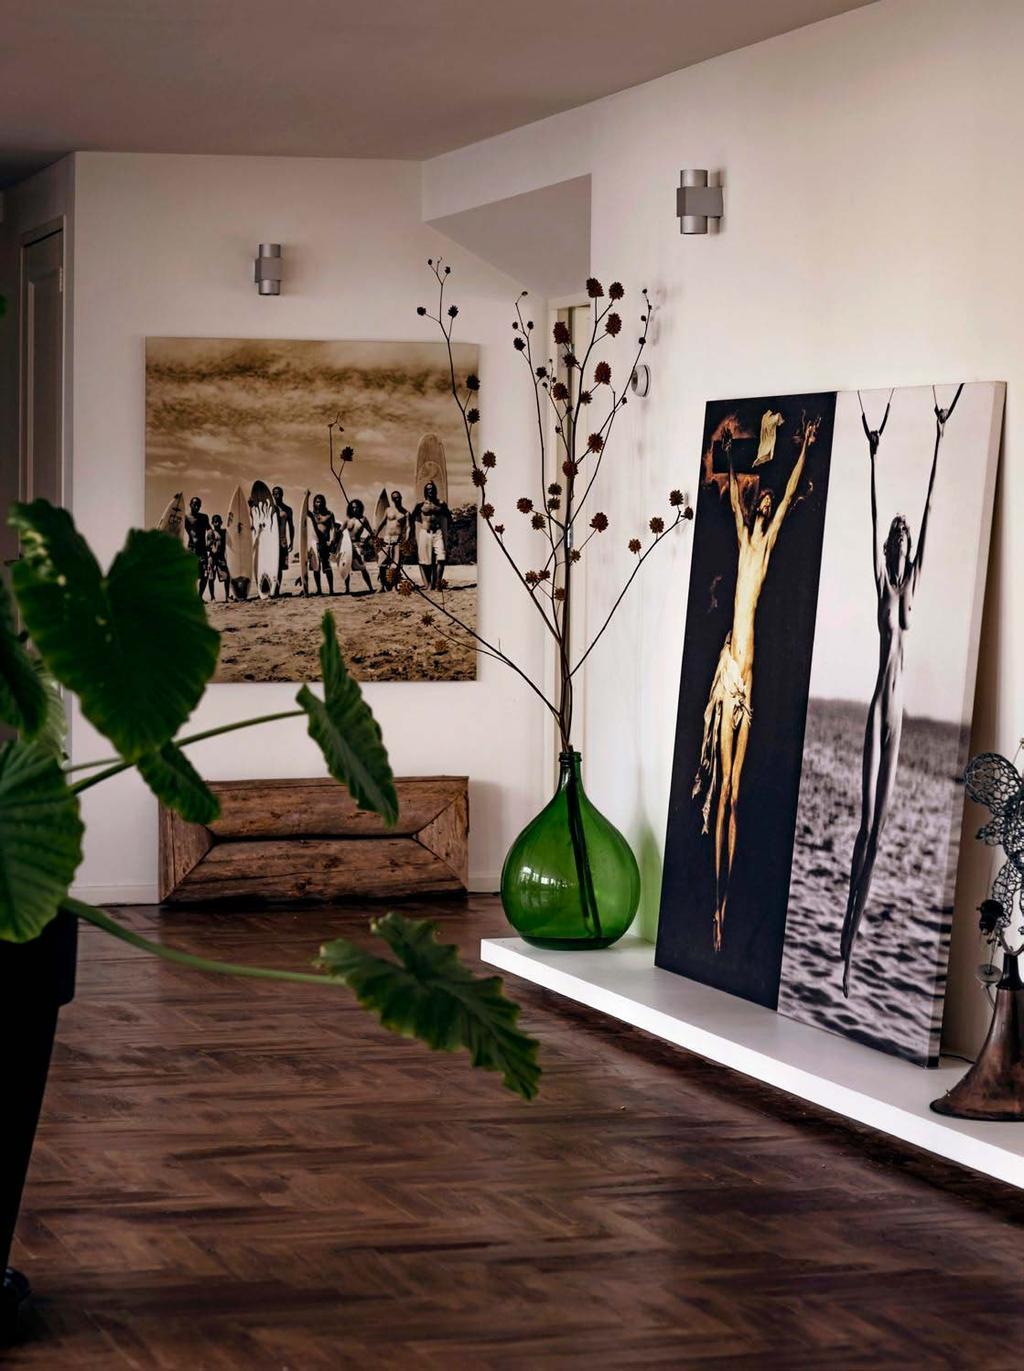 De vtwonen woonzonden van Marie Nanette Schaepman: lust